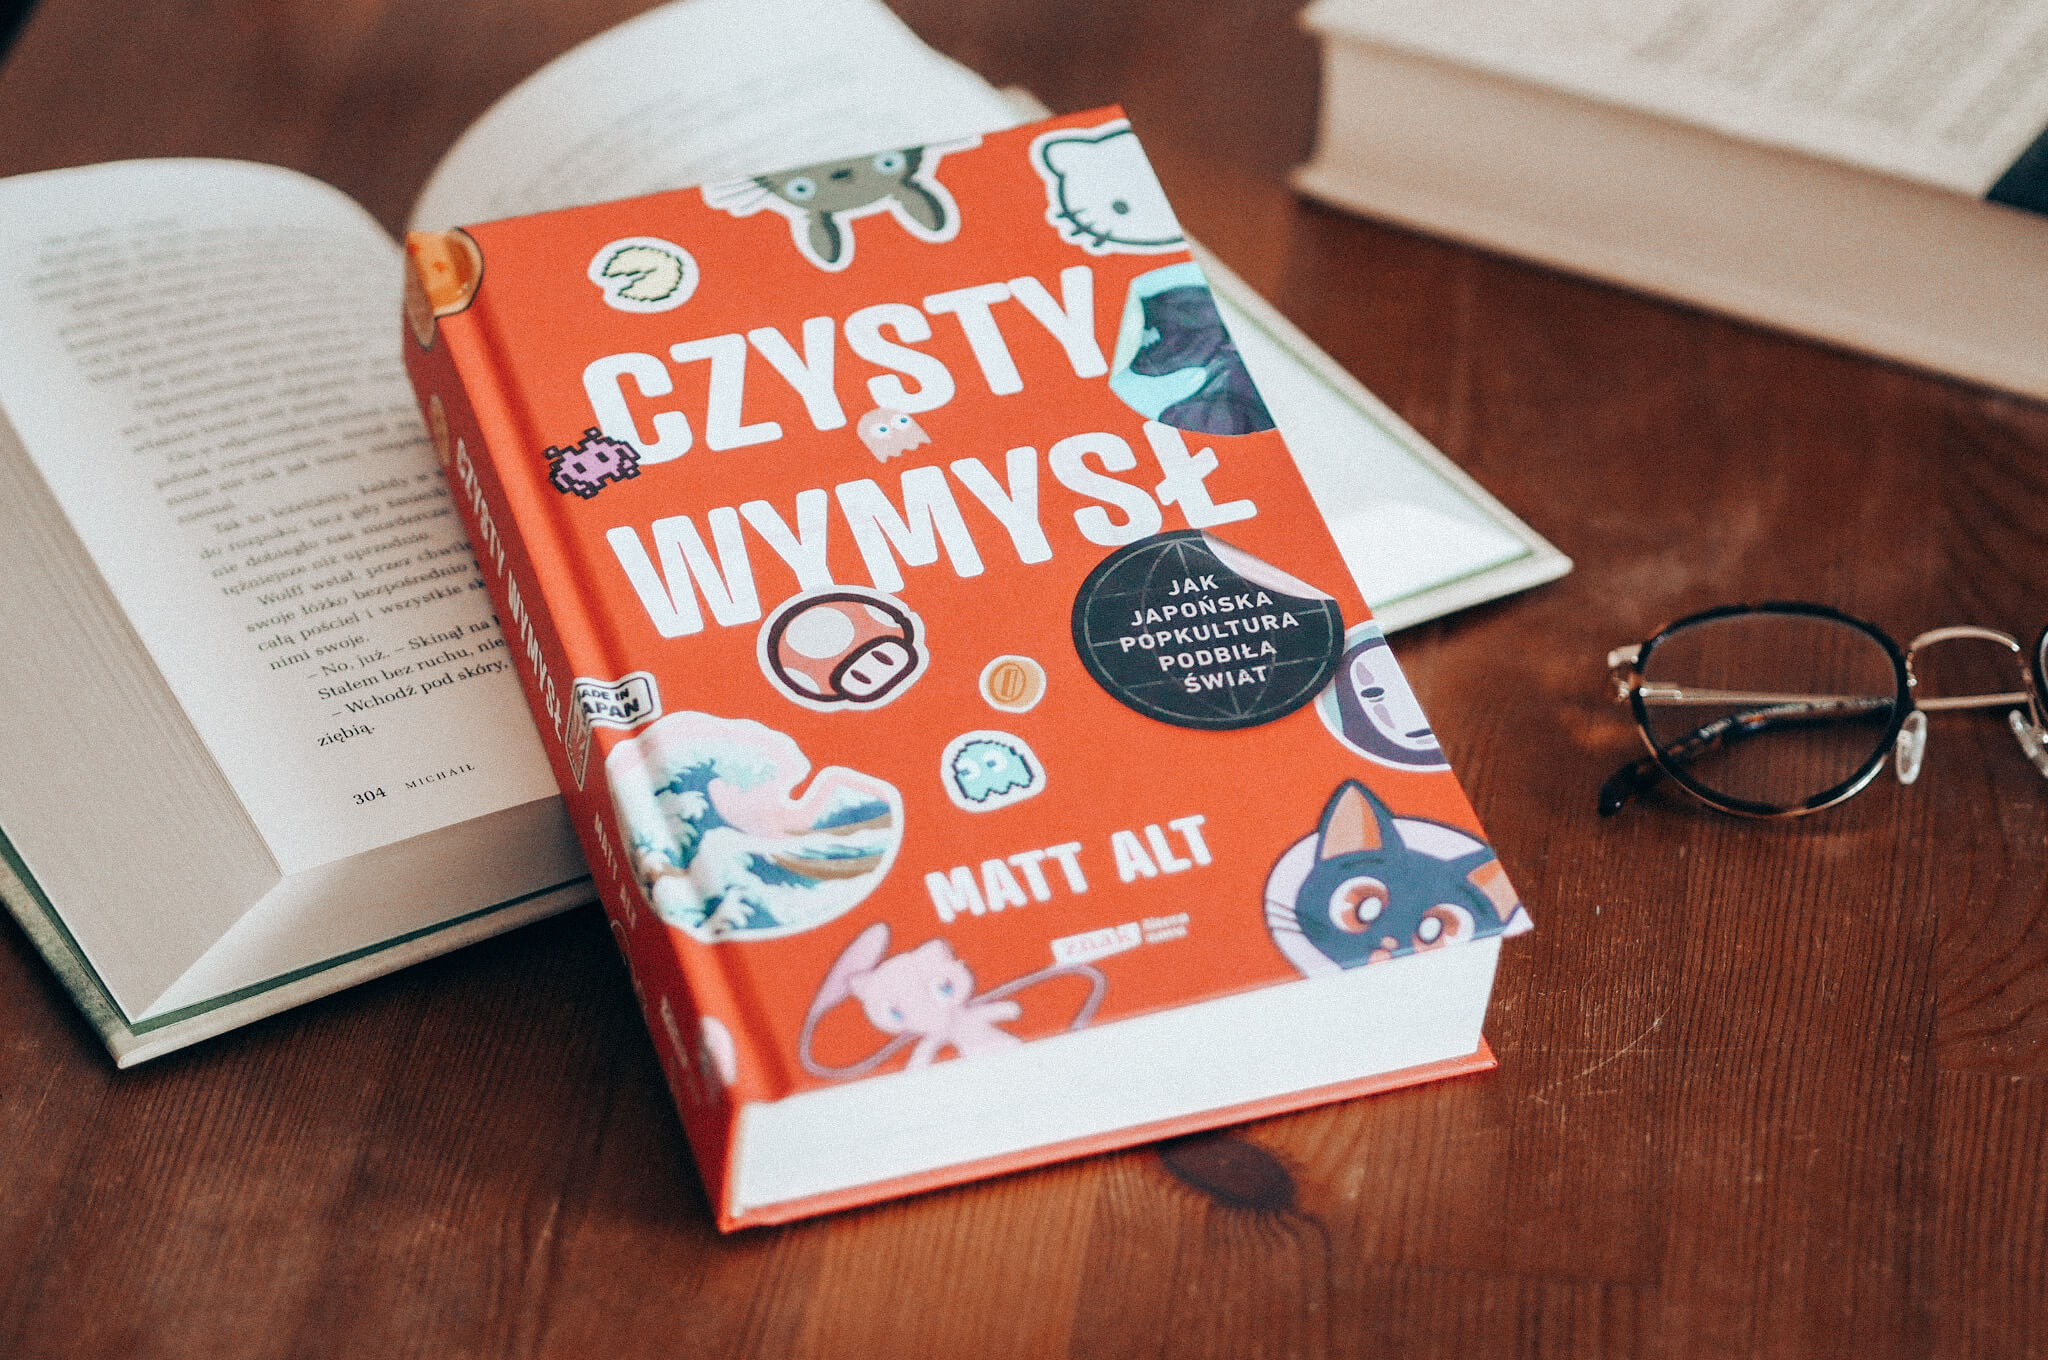 Czysty wymysł - Matt Alt